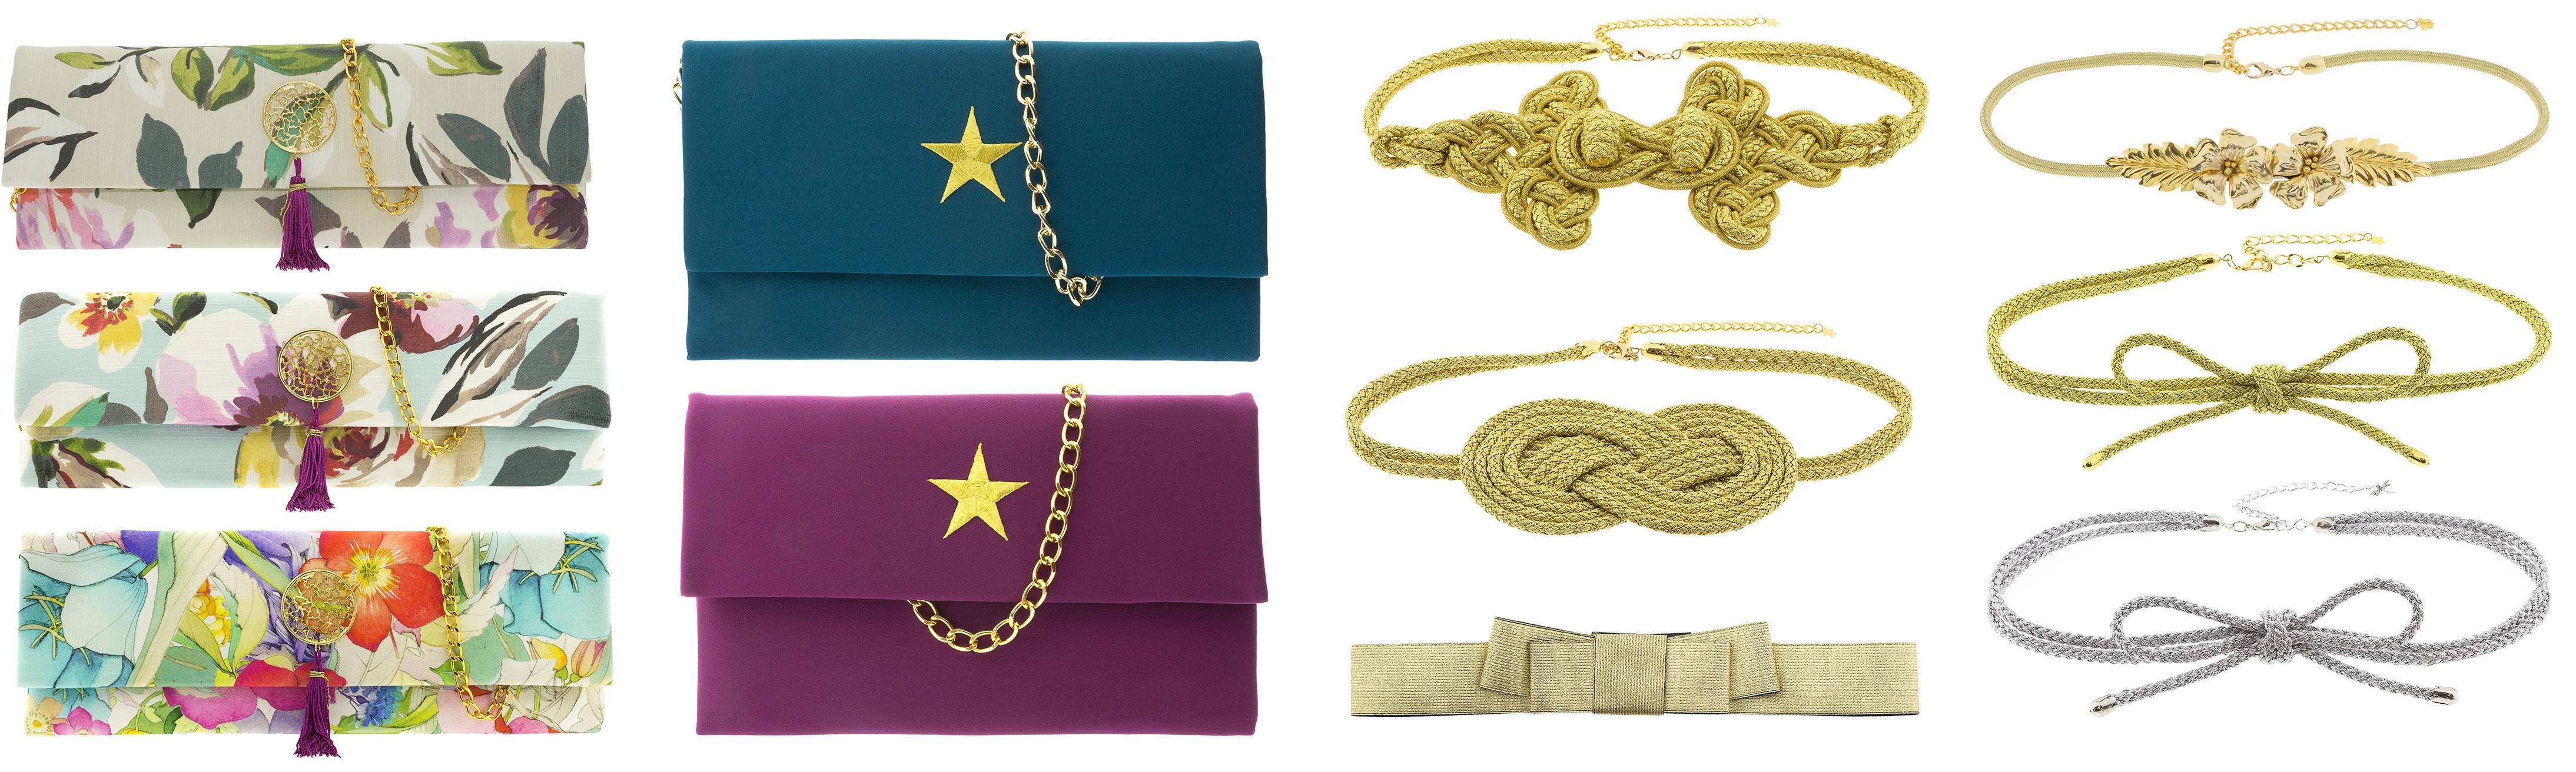 bolsos y cinturones para invitadas de lamasmona.com